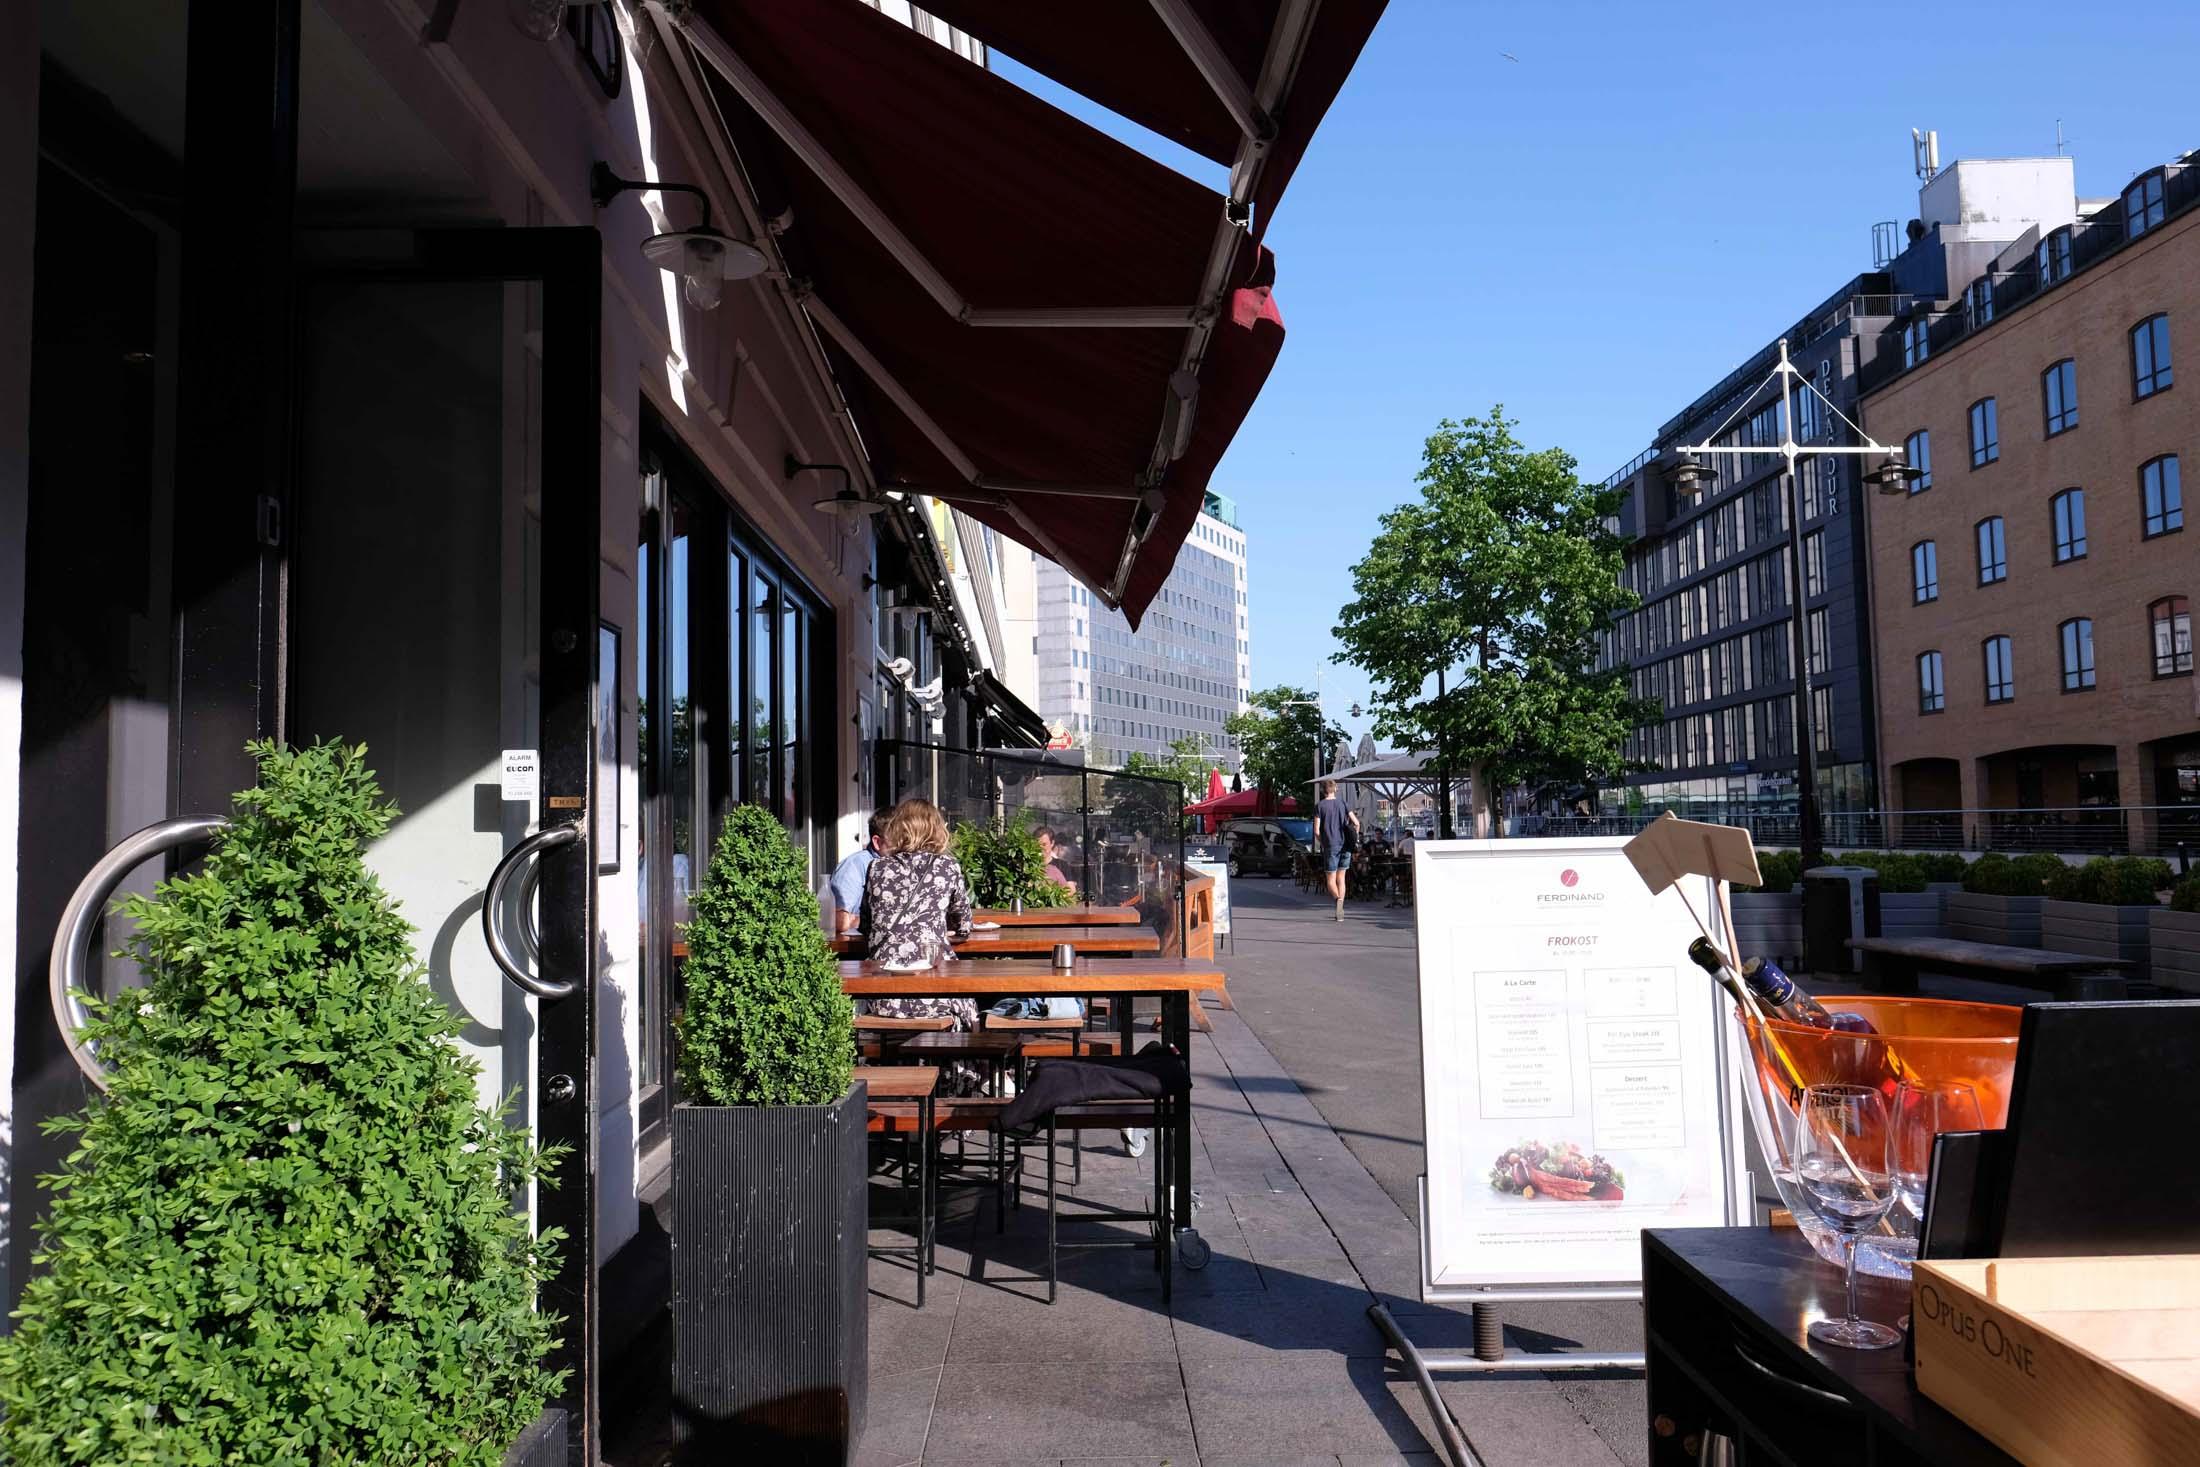 Madanmeldelse: Hvorfor er Ferdinand indbegrebet af det bedste ved Aarhus?